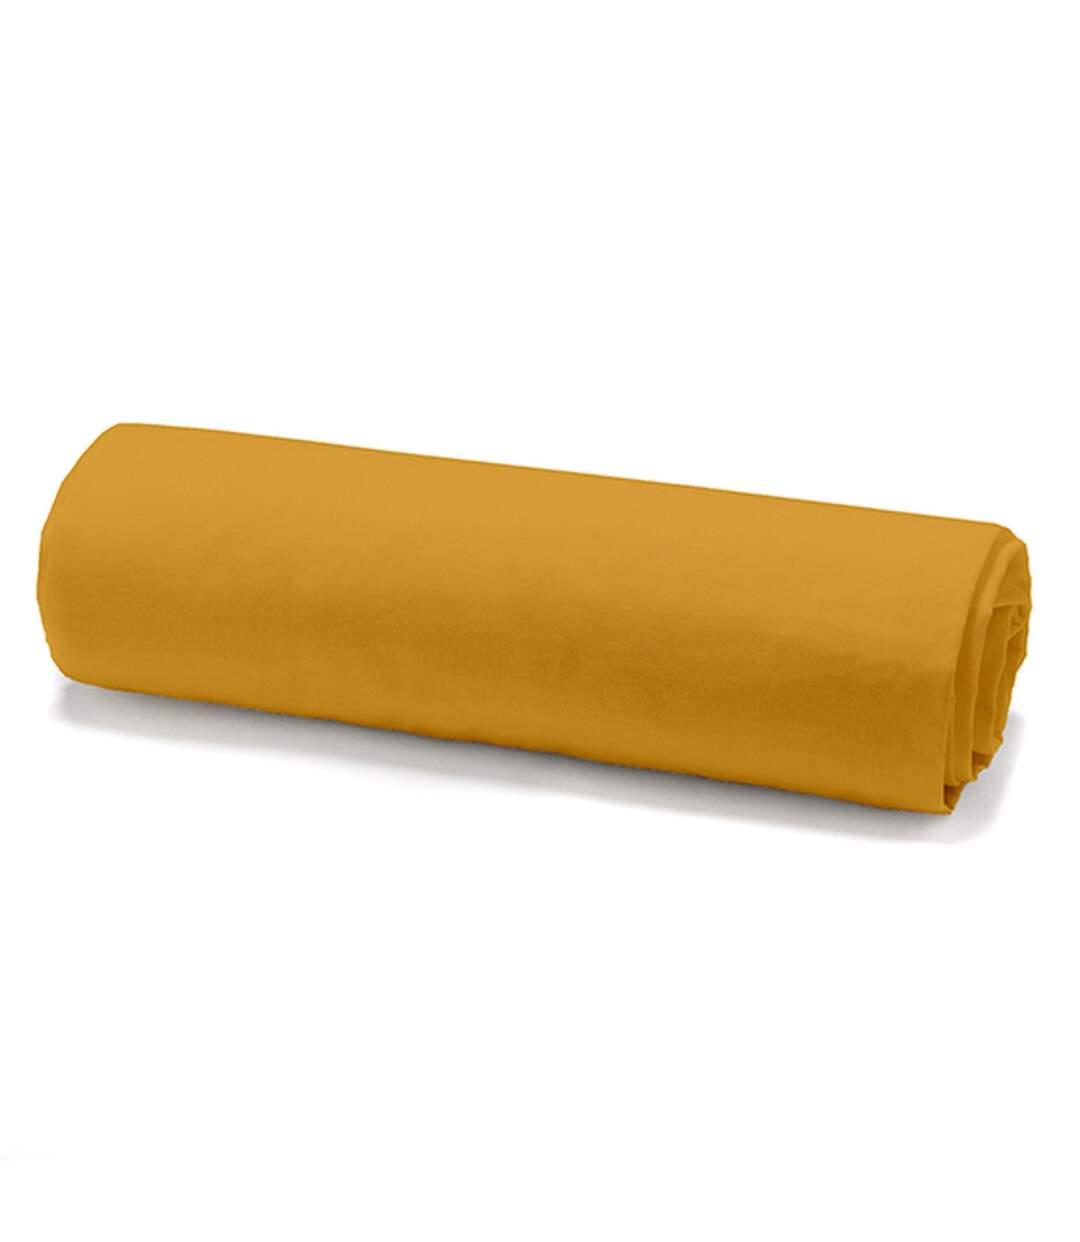 Parure de lit - 100% coton - 220 x 240 cm - Jaune safran